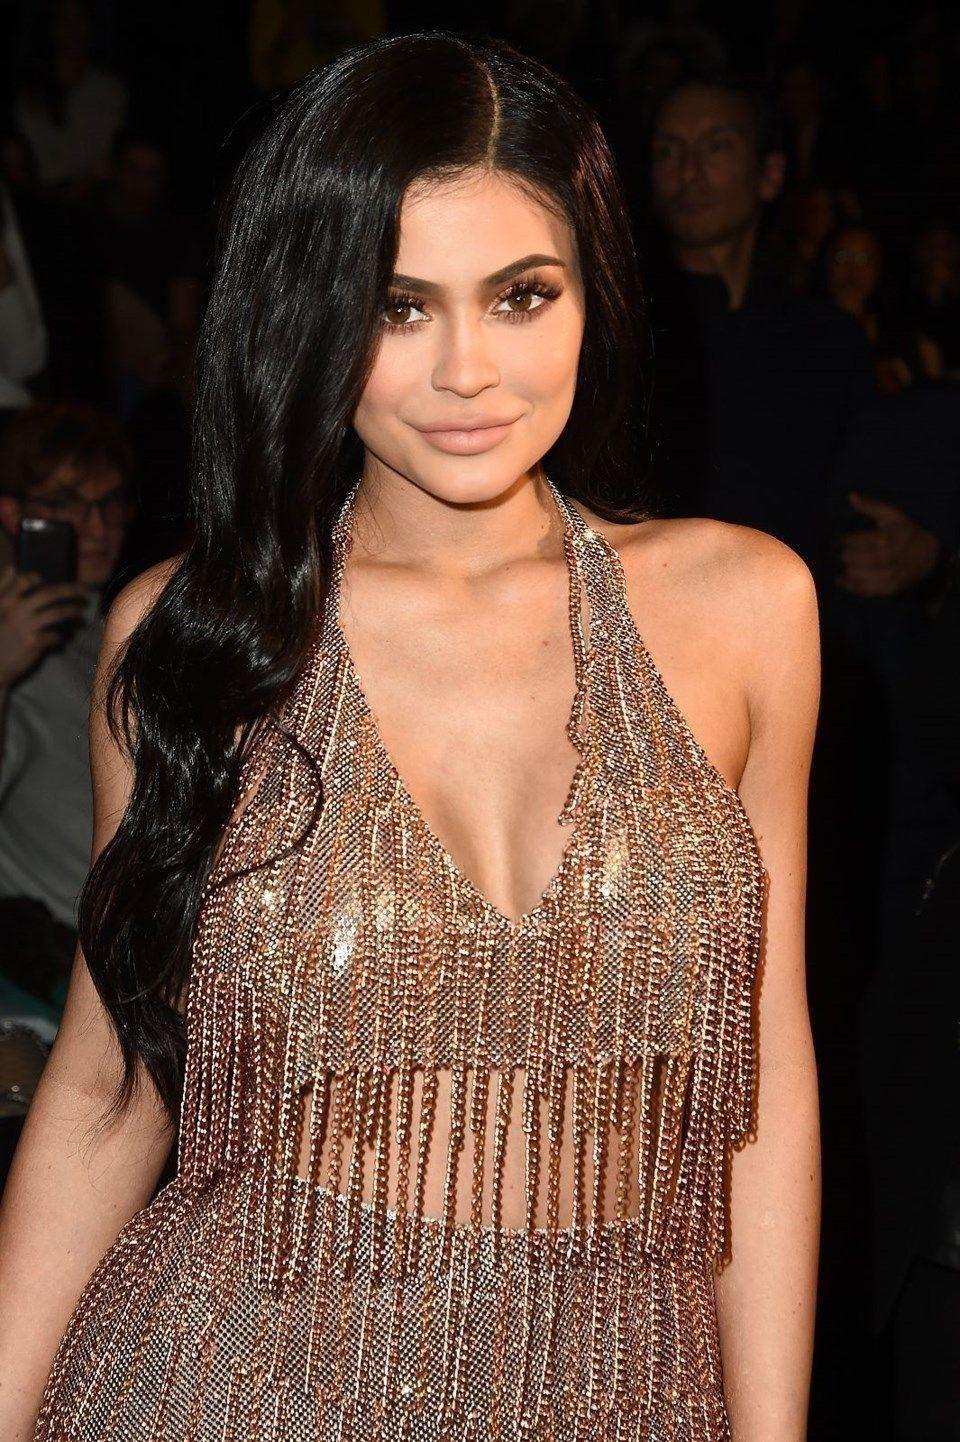 En genç milyarder Kylie Jenner'ın doğum günü planı - Sayfa 2